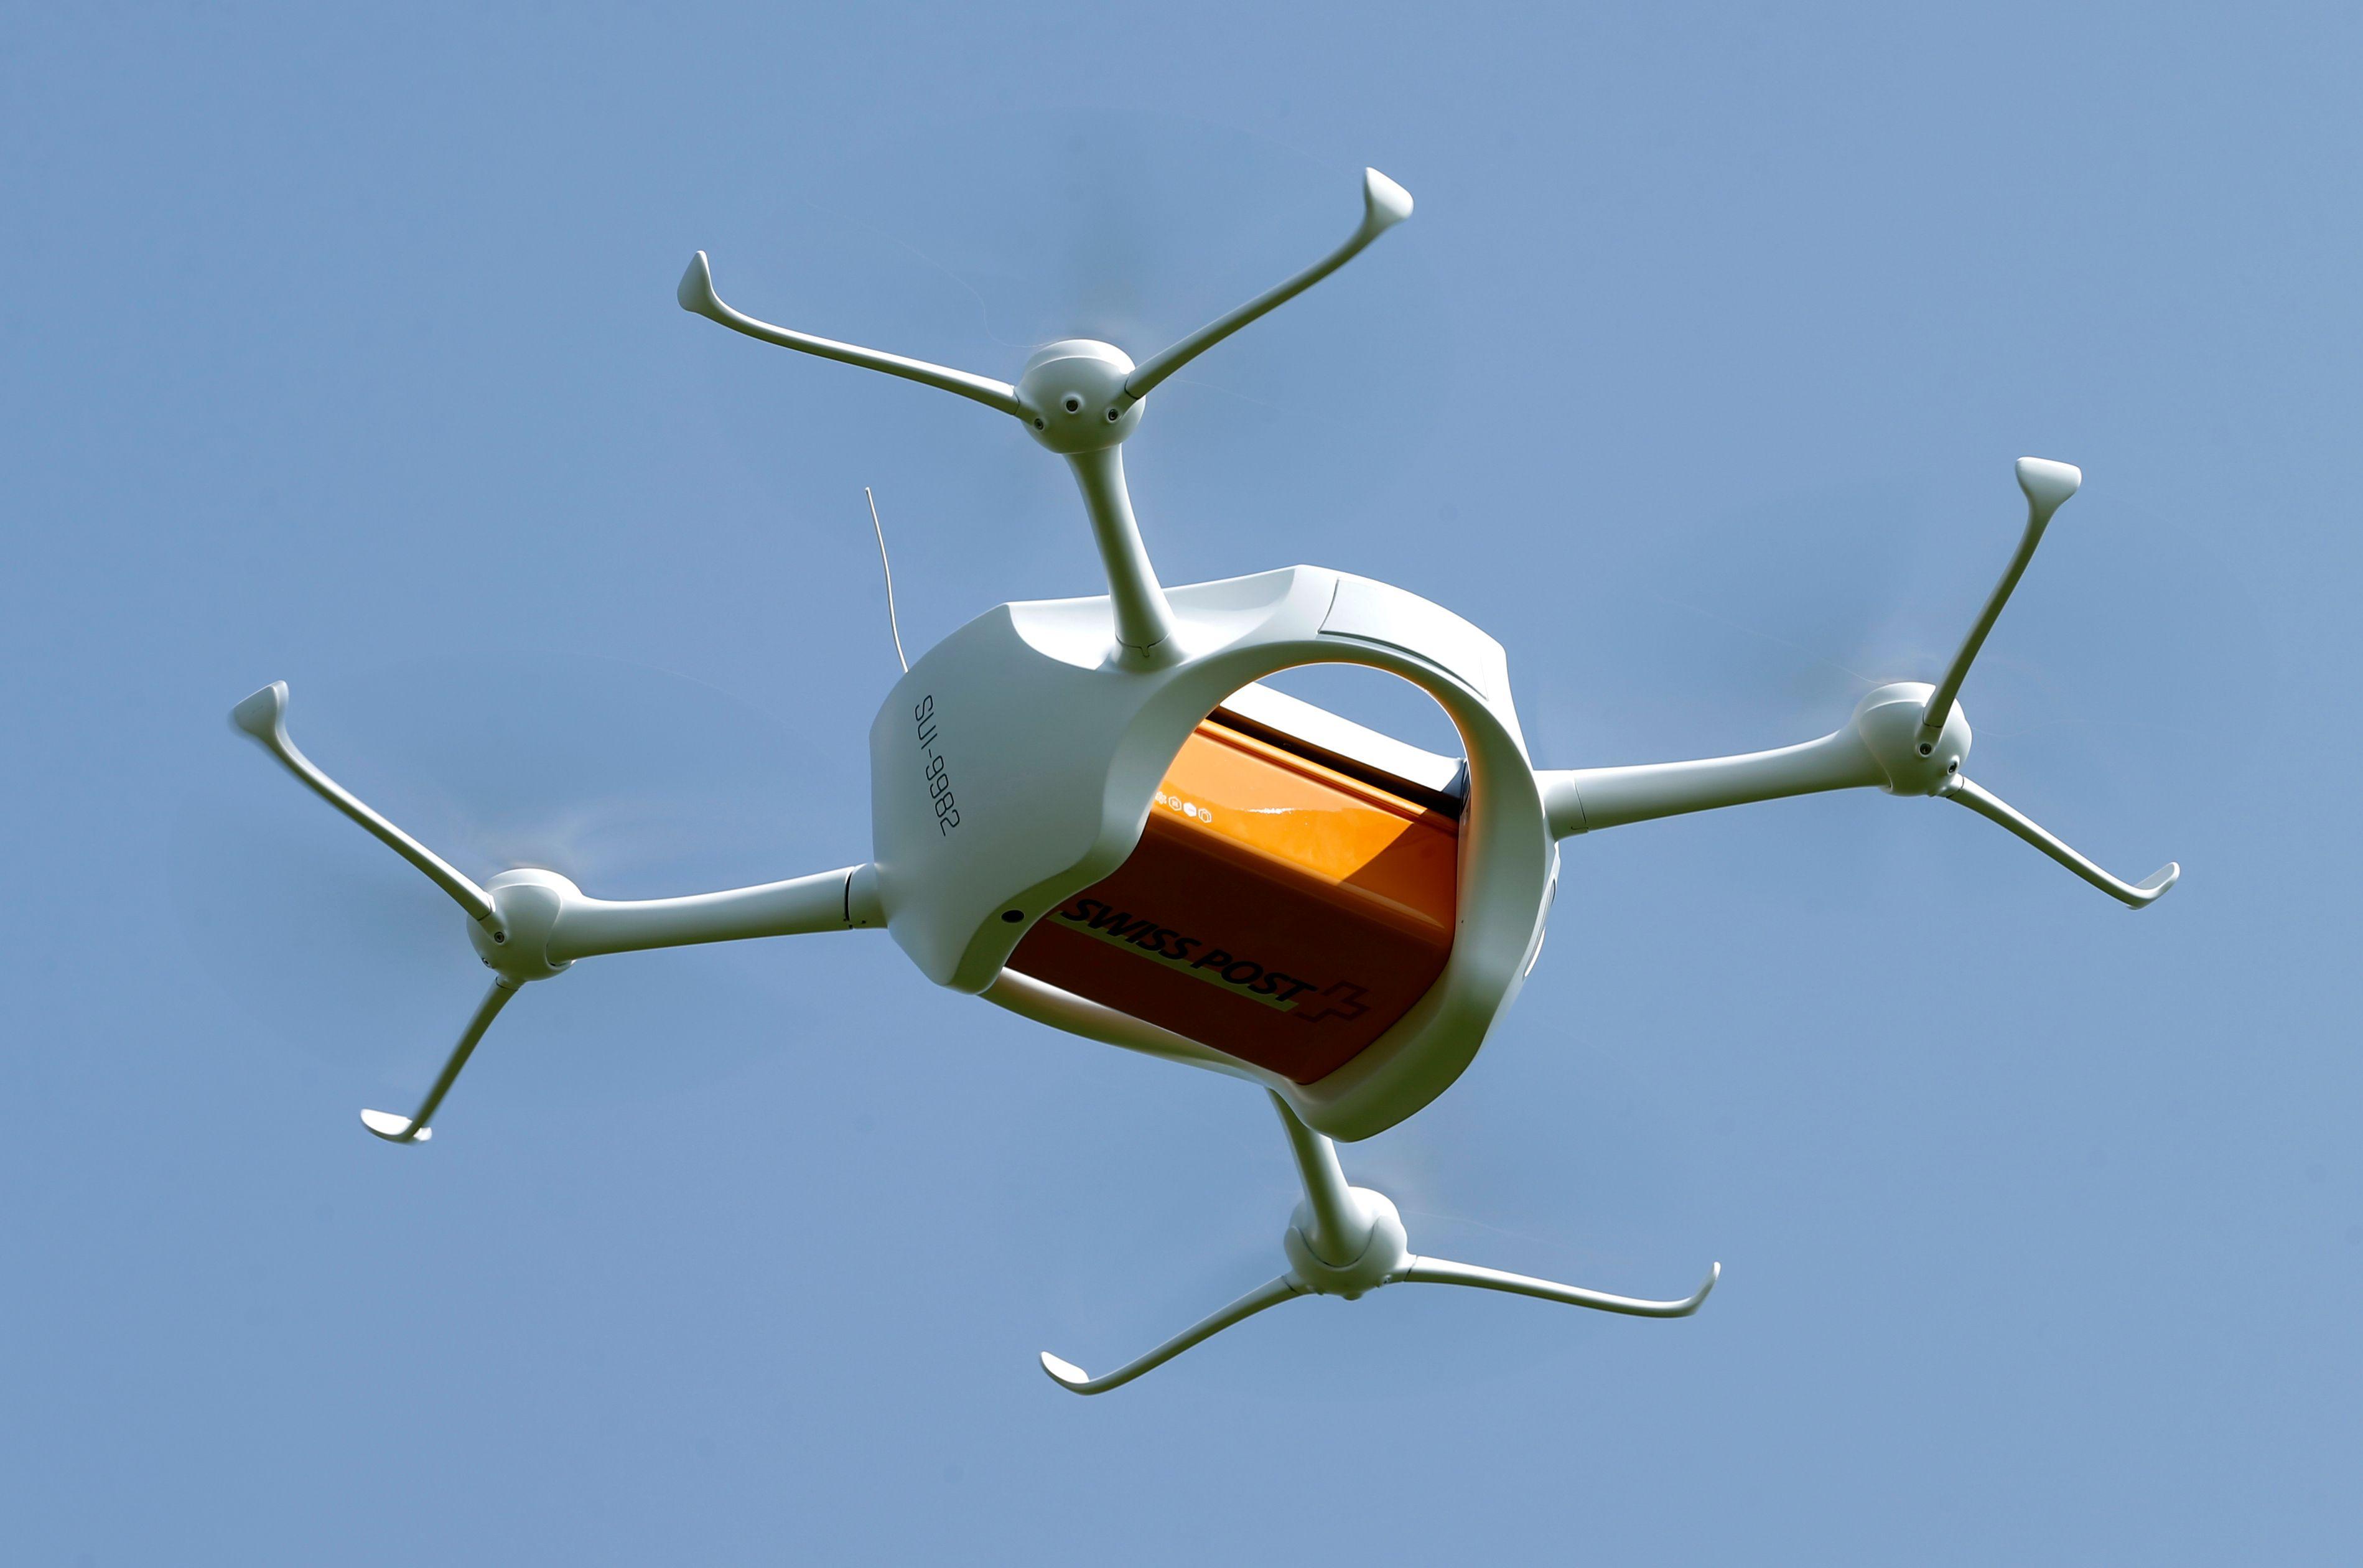 Un fichier pour enregistrer les acheteurs de drones? Les solutions préconisées pour prévenir les usages malveillants de ces engins sont encore loin du compte (mais personne n'a vraiment la réponse)